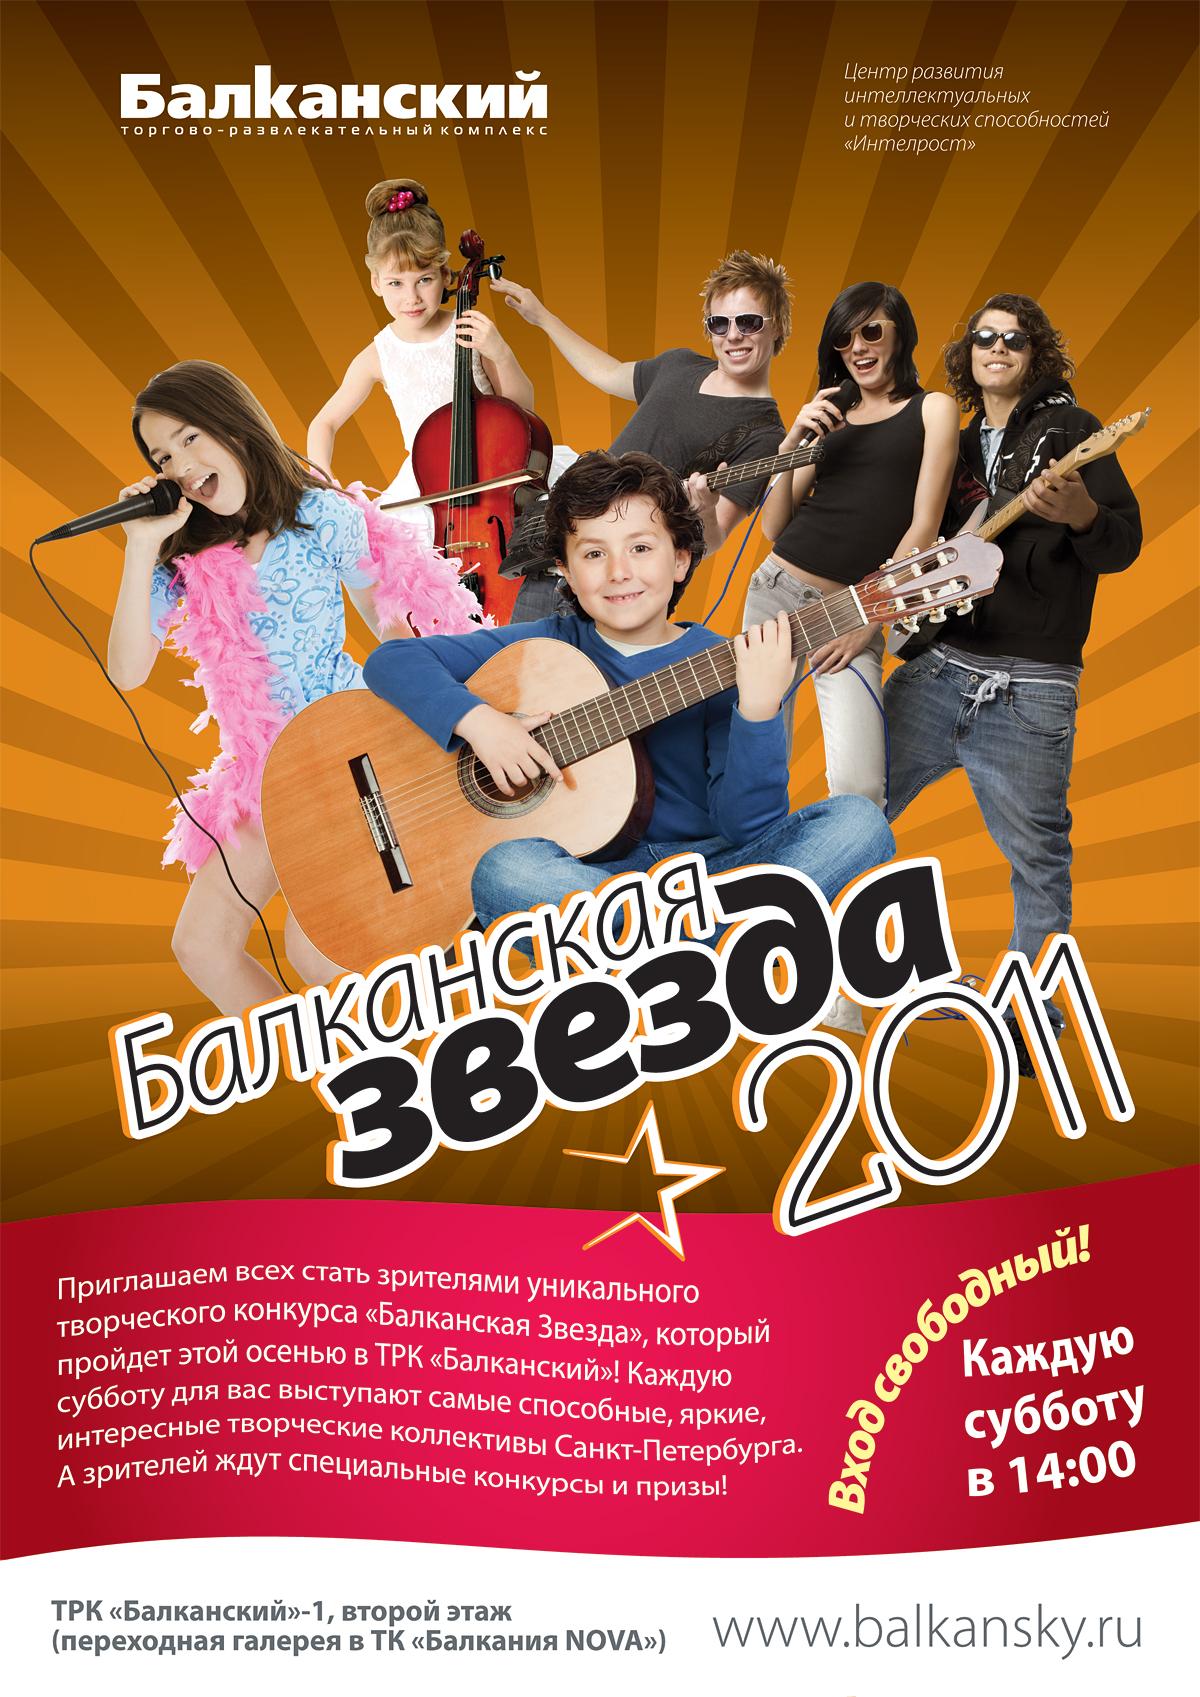 Балканская Звезда 2011